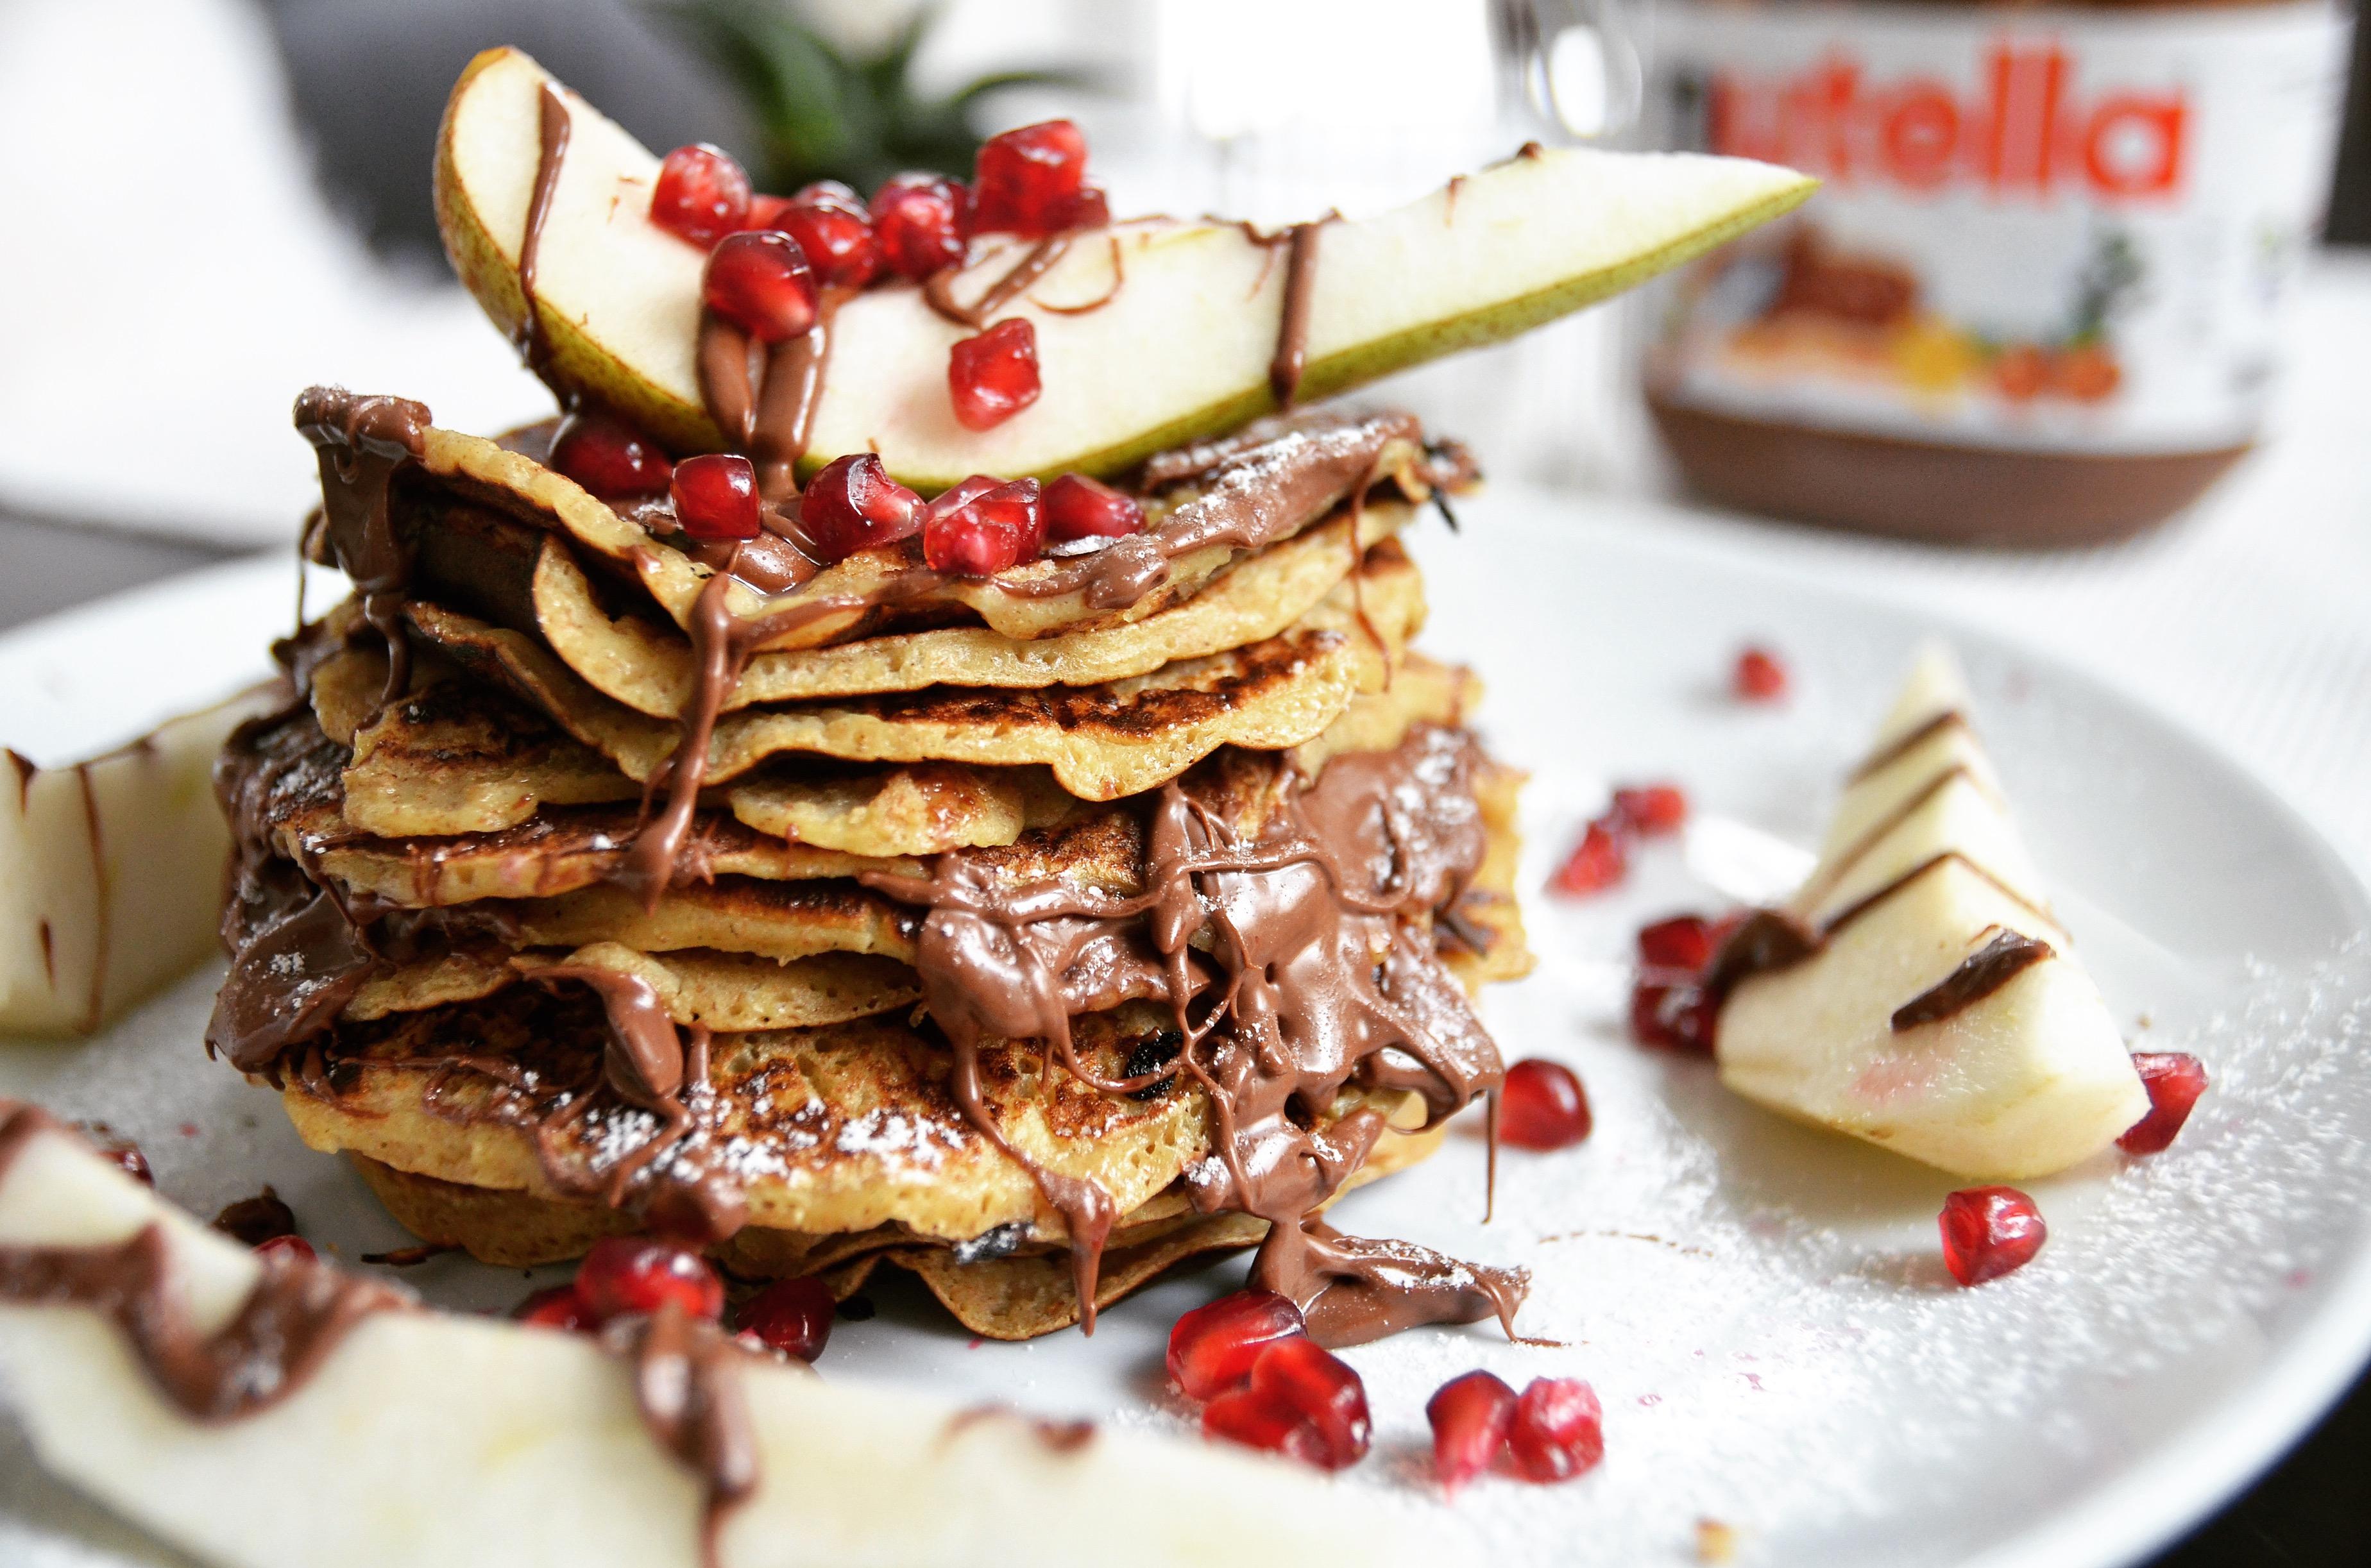 Süße Inspiration: Pancakes mit Birne und Nutella